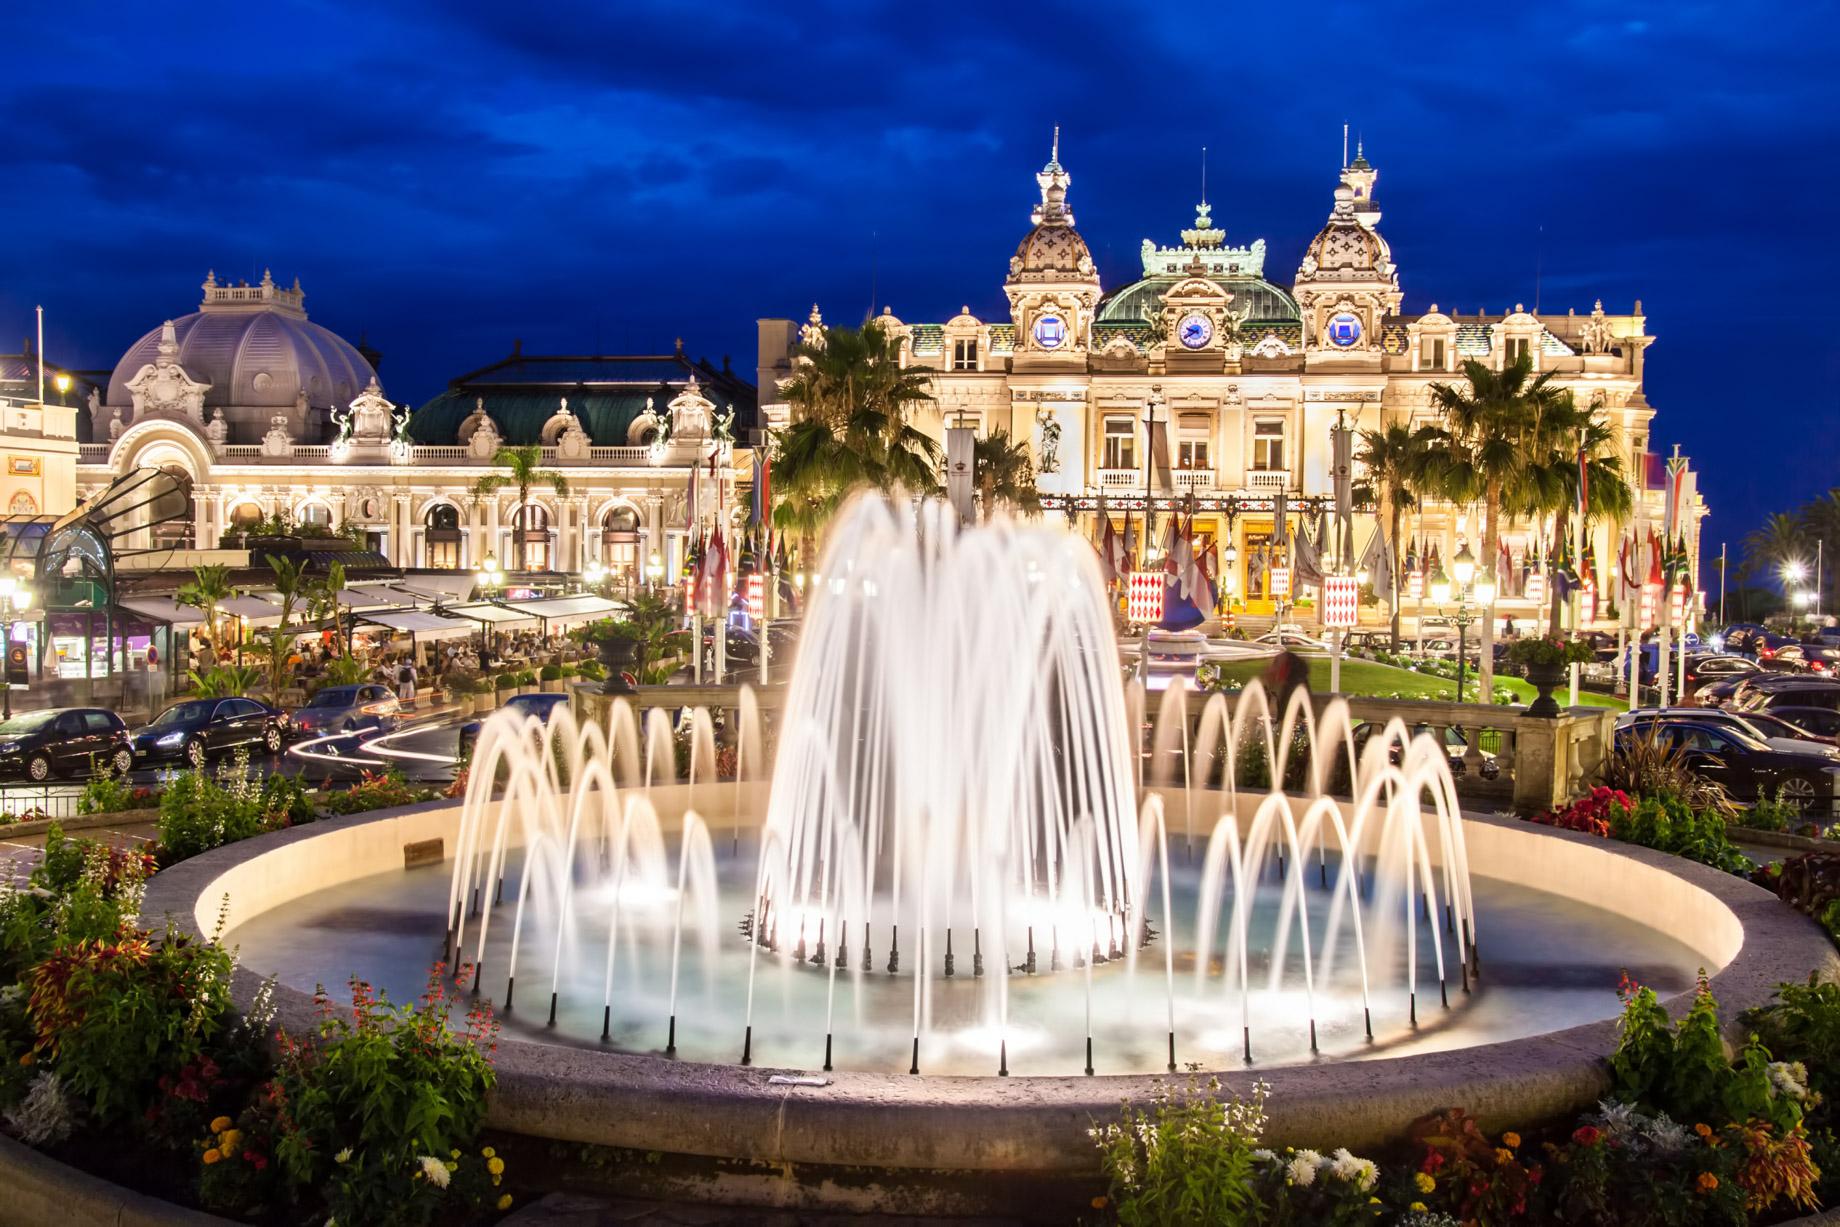 Hotel de Paris & Casino de Monte Carlo - Monaco